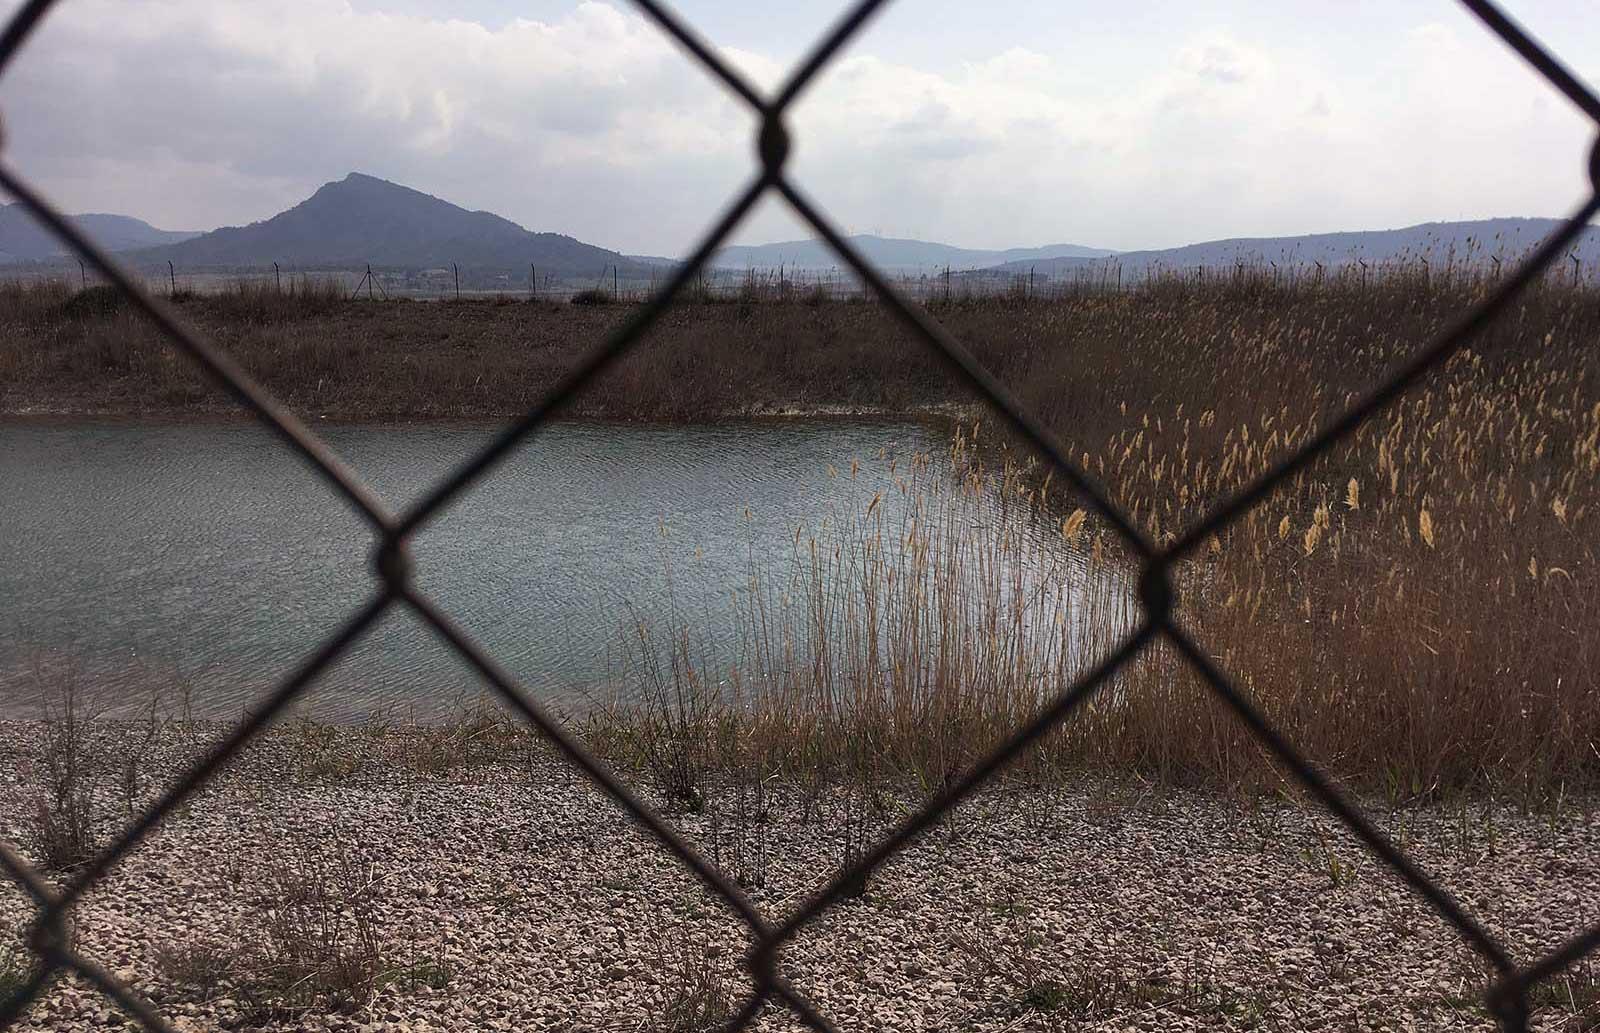 balsa de riego cerca de las Moratillas; el Puerto al fondo